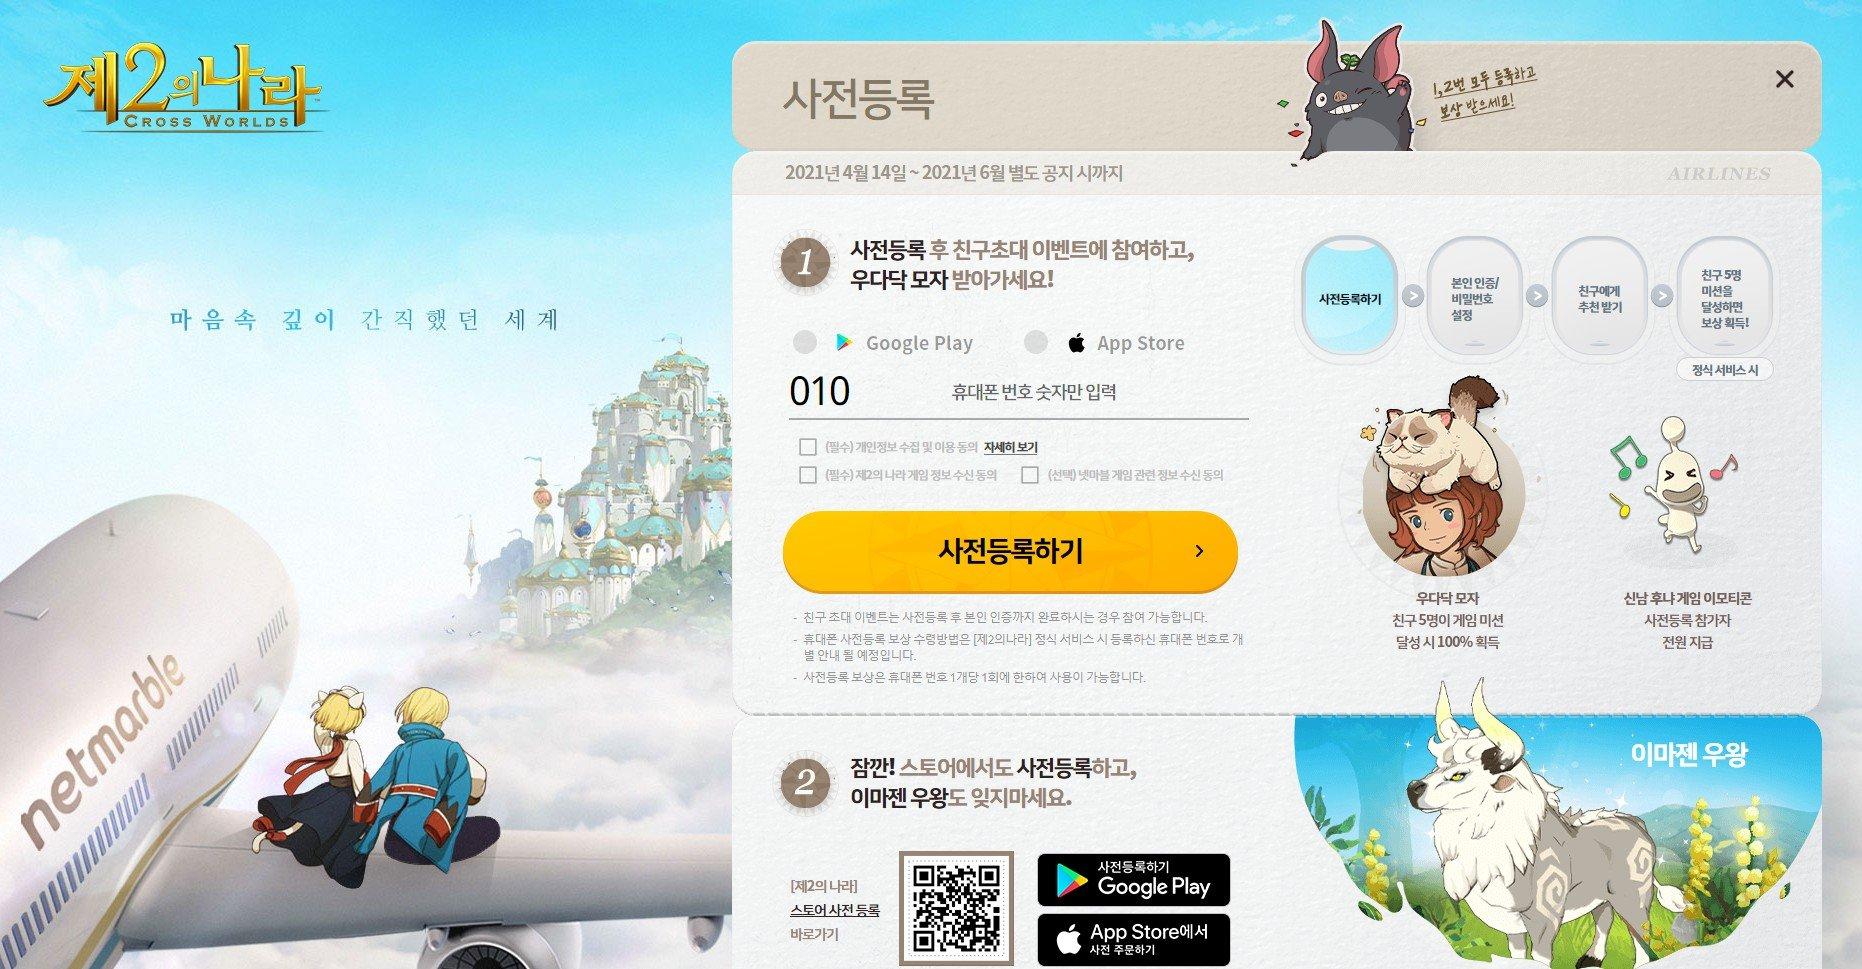 제2의 나라 출시일 확정, 블루스택 앱플레이어로 PC에서 만나기 앞서 메인 컨텐츠 킹덤을 알아봐요!